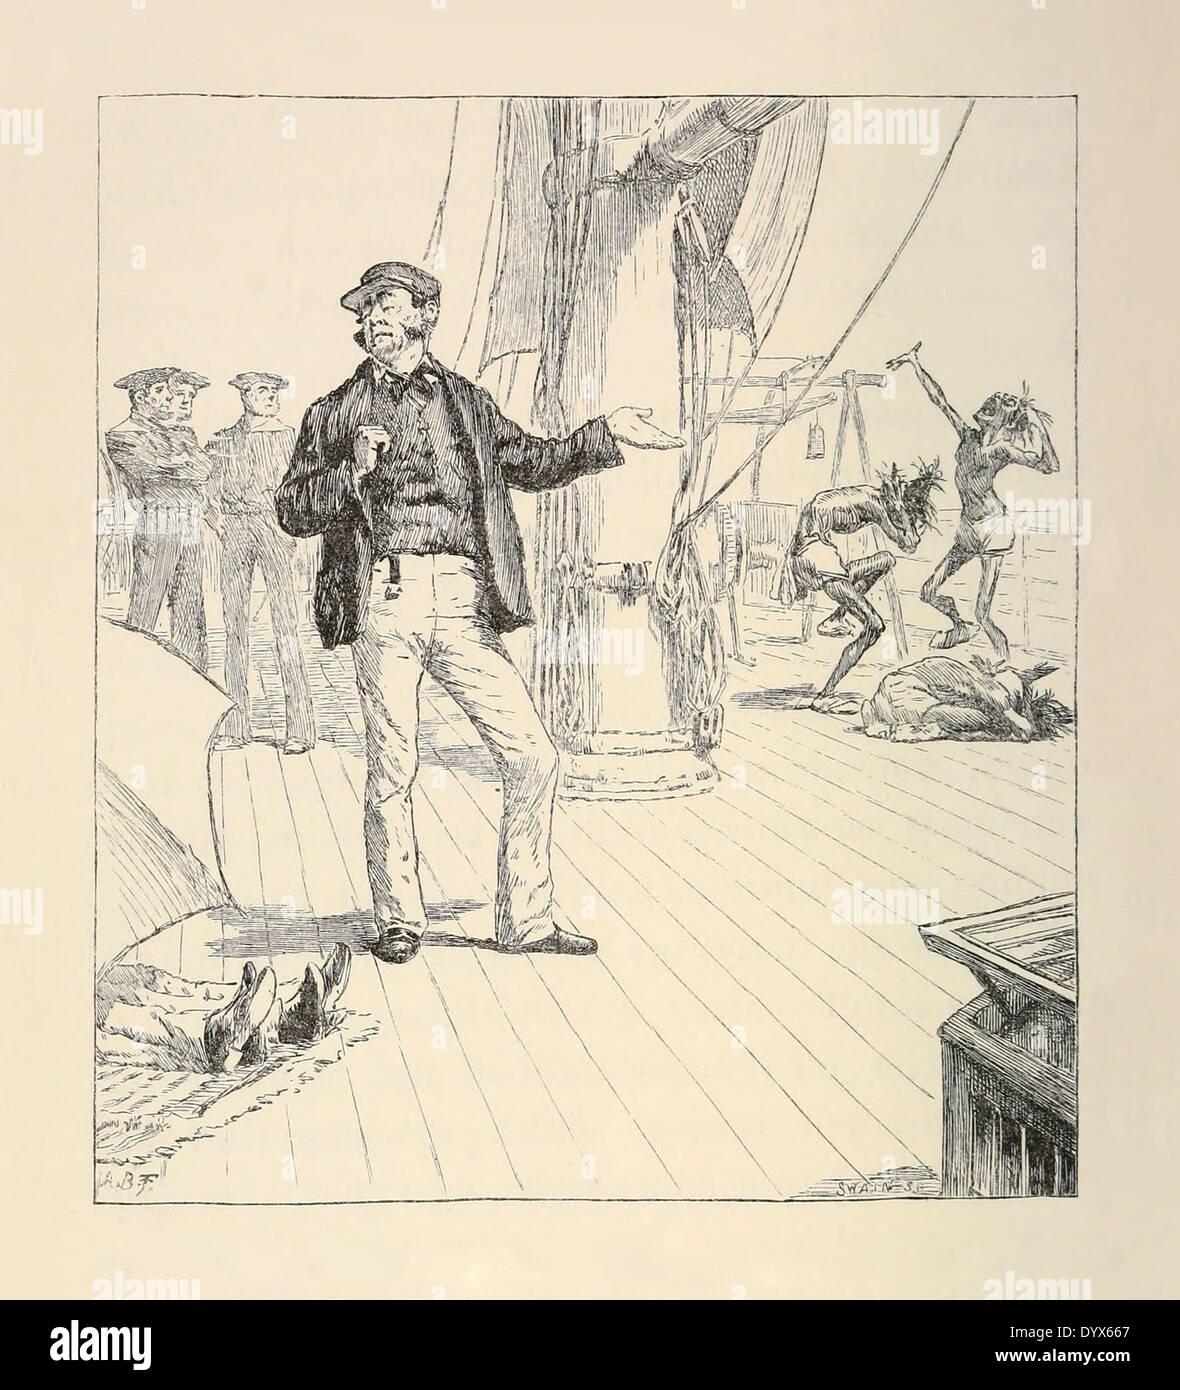 Arthur Burdett Frost (1851-1928) illustrazione da 'un intricato favola' da Lewis Carroll pubblicato 1885. Nodo 4, il Dead Reckoning. Immagini Stock